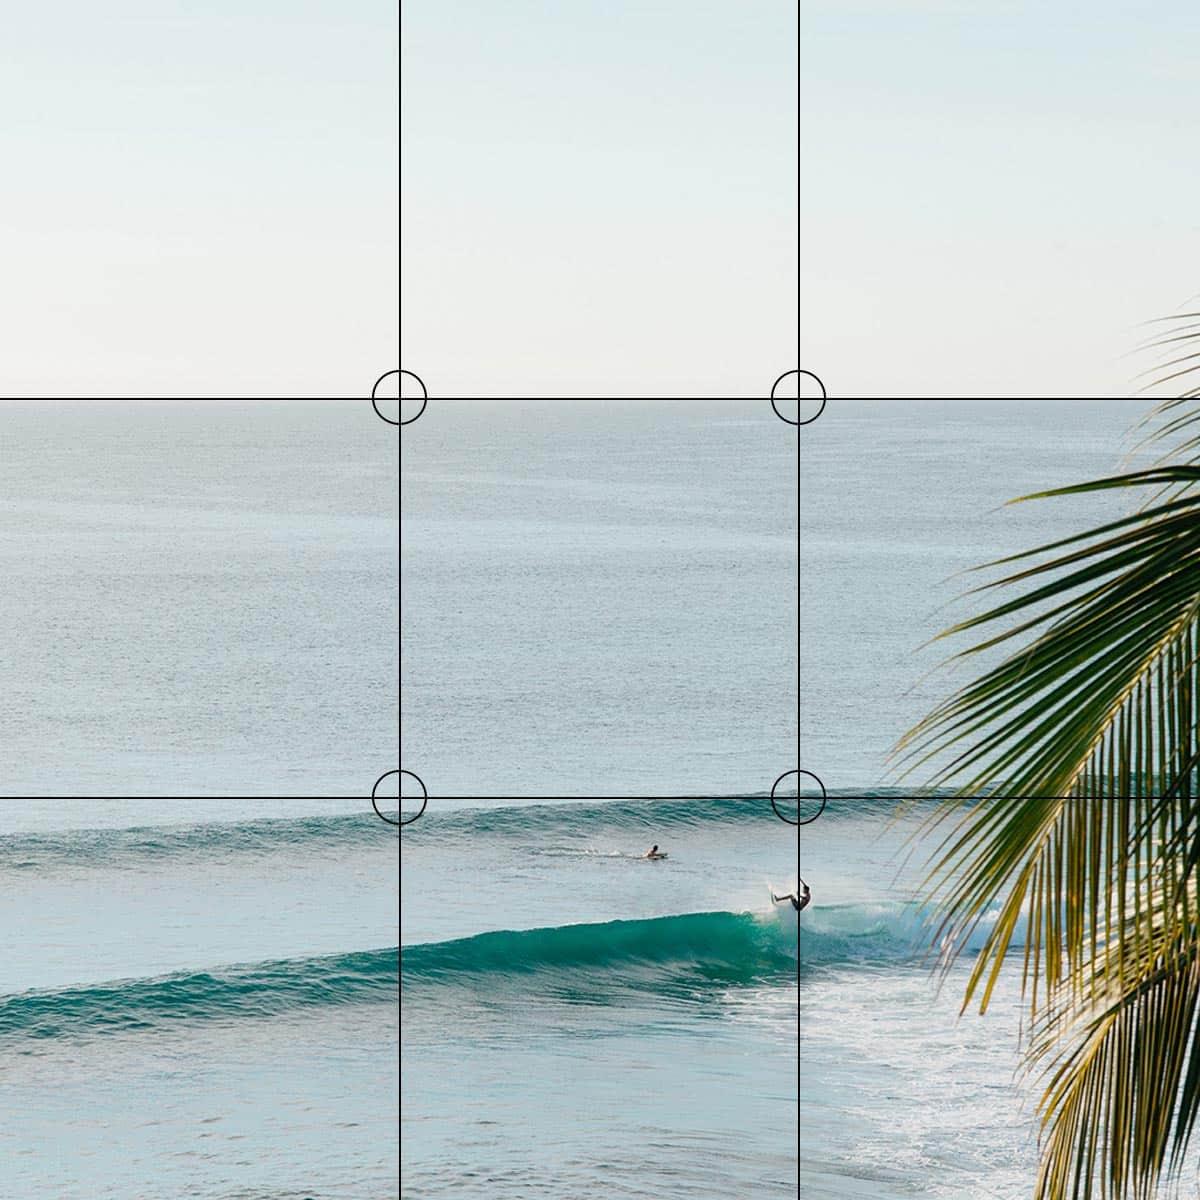 punti focali griglia fotocamera iphone